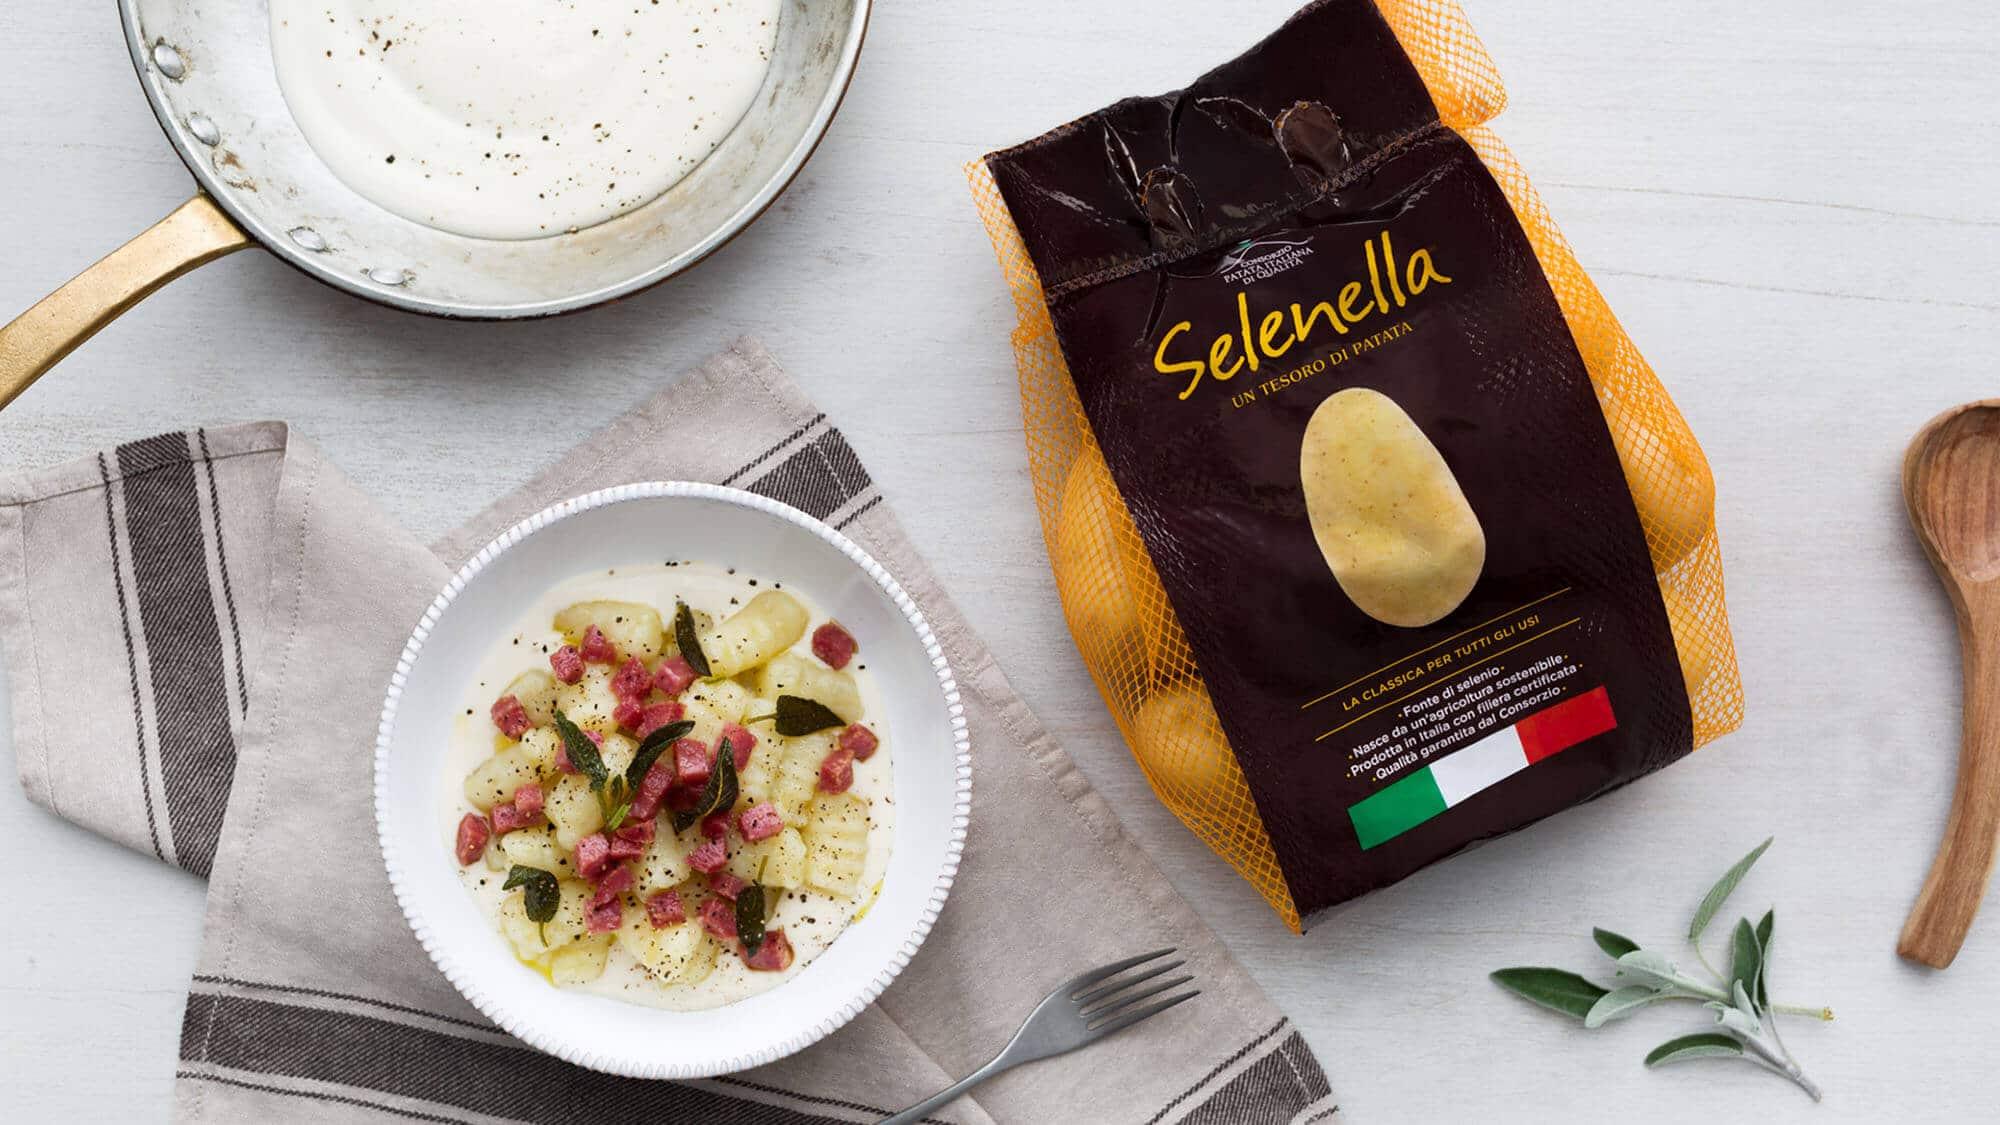 Gnocchi di patate con fonduta ai 4 formaggi e salame spadellato - Ricette Selenella